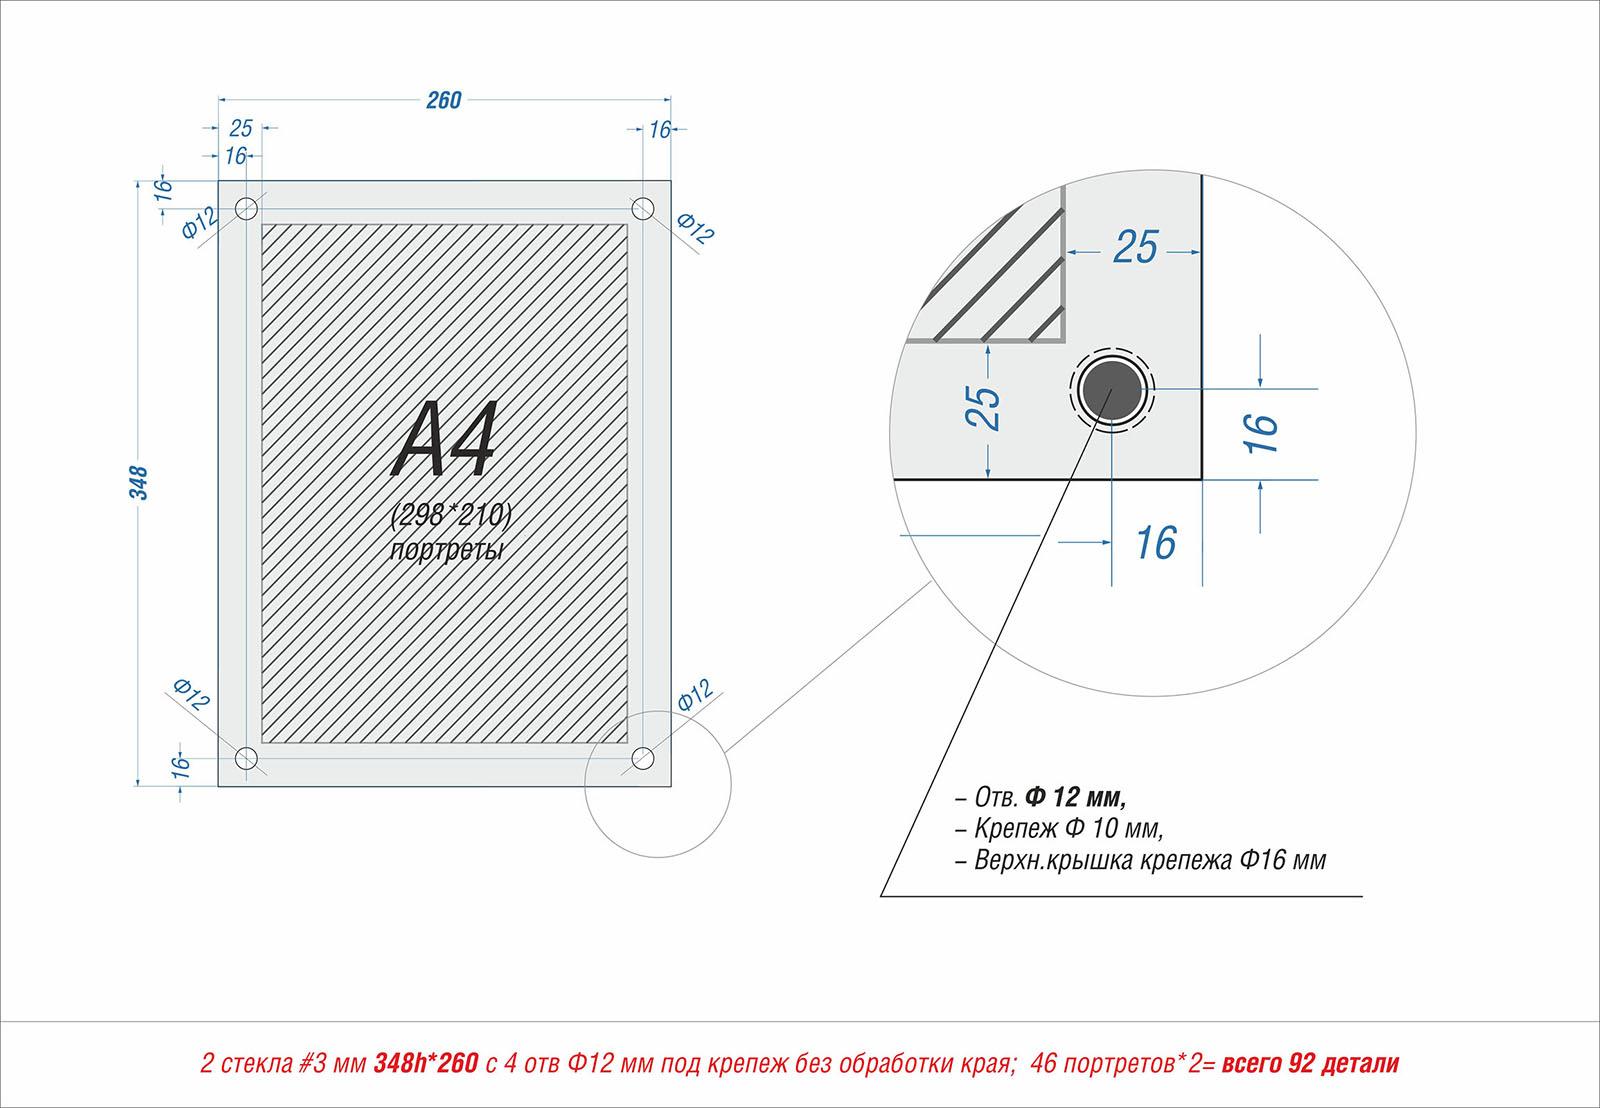 Чертеж-схема для производства партии стекол